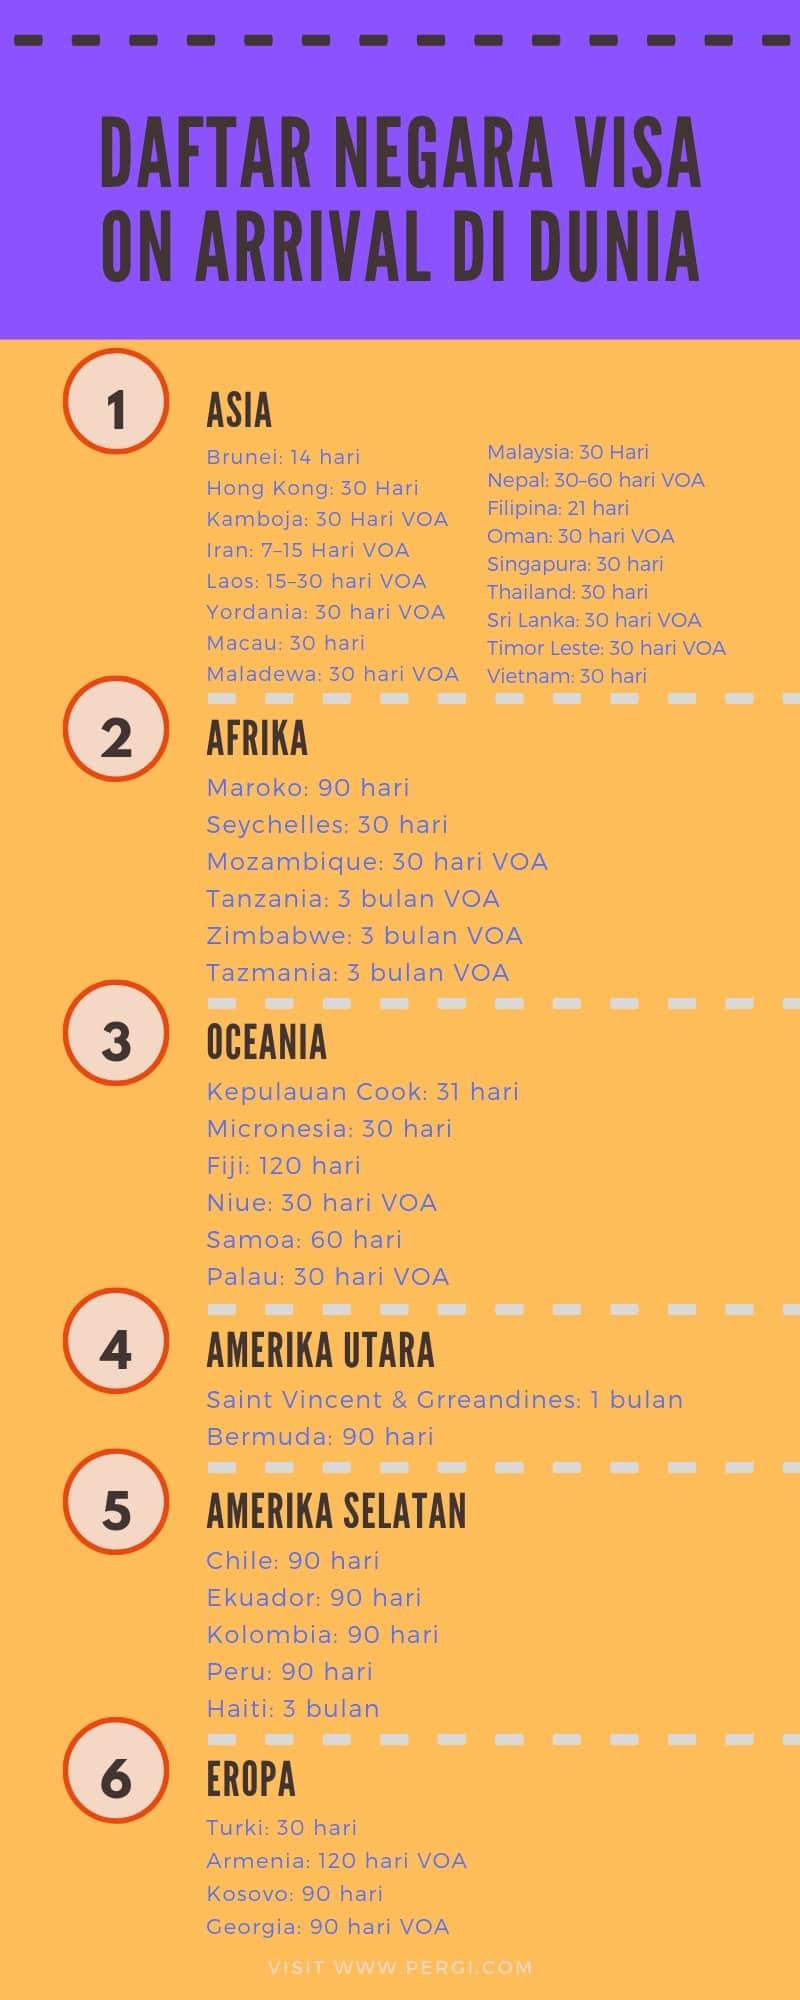 Daftar Negara Visa On Arrival di Dunia - Jenis Visa Pergicom